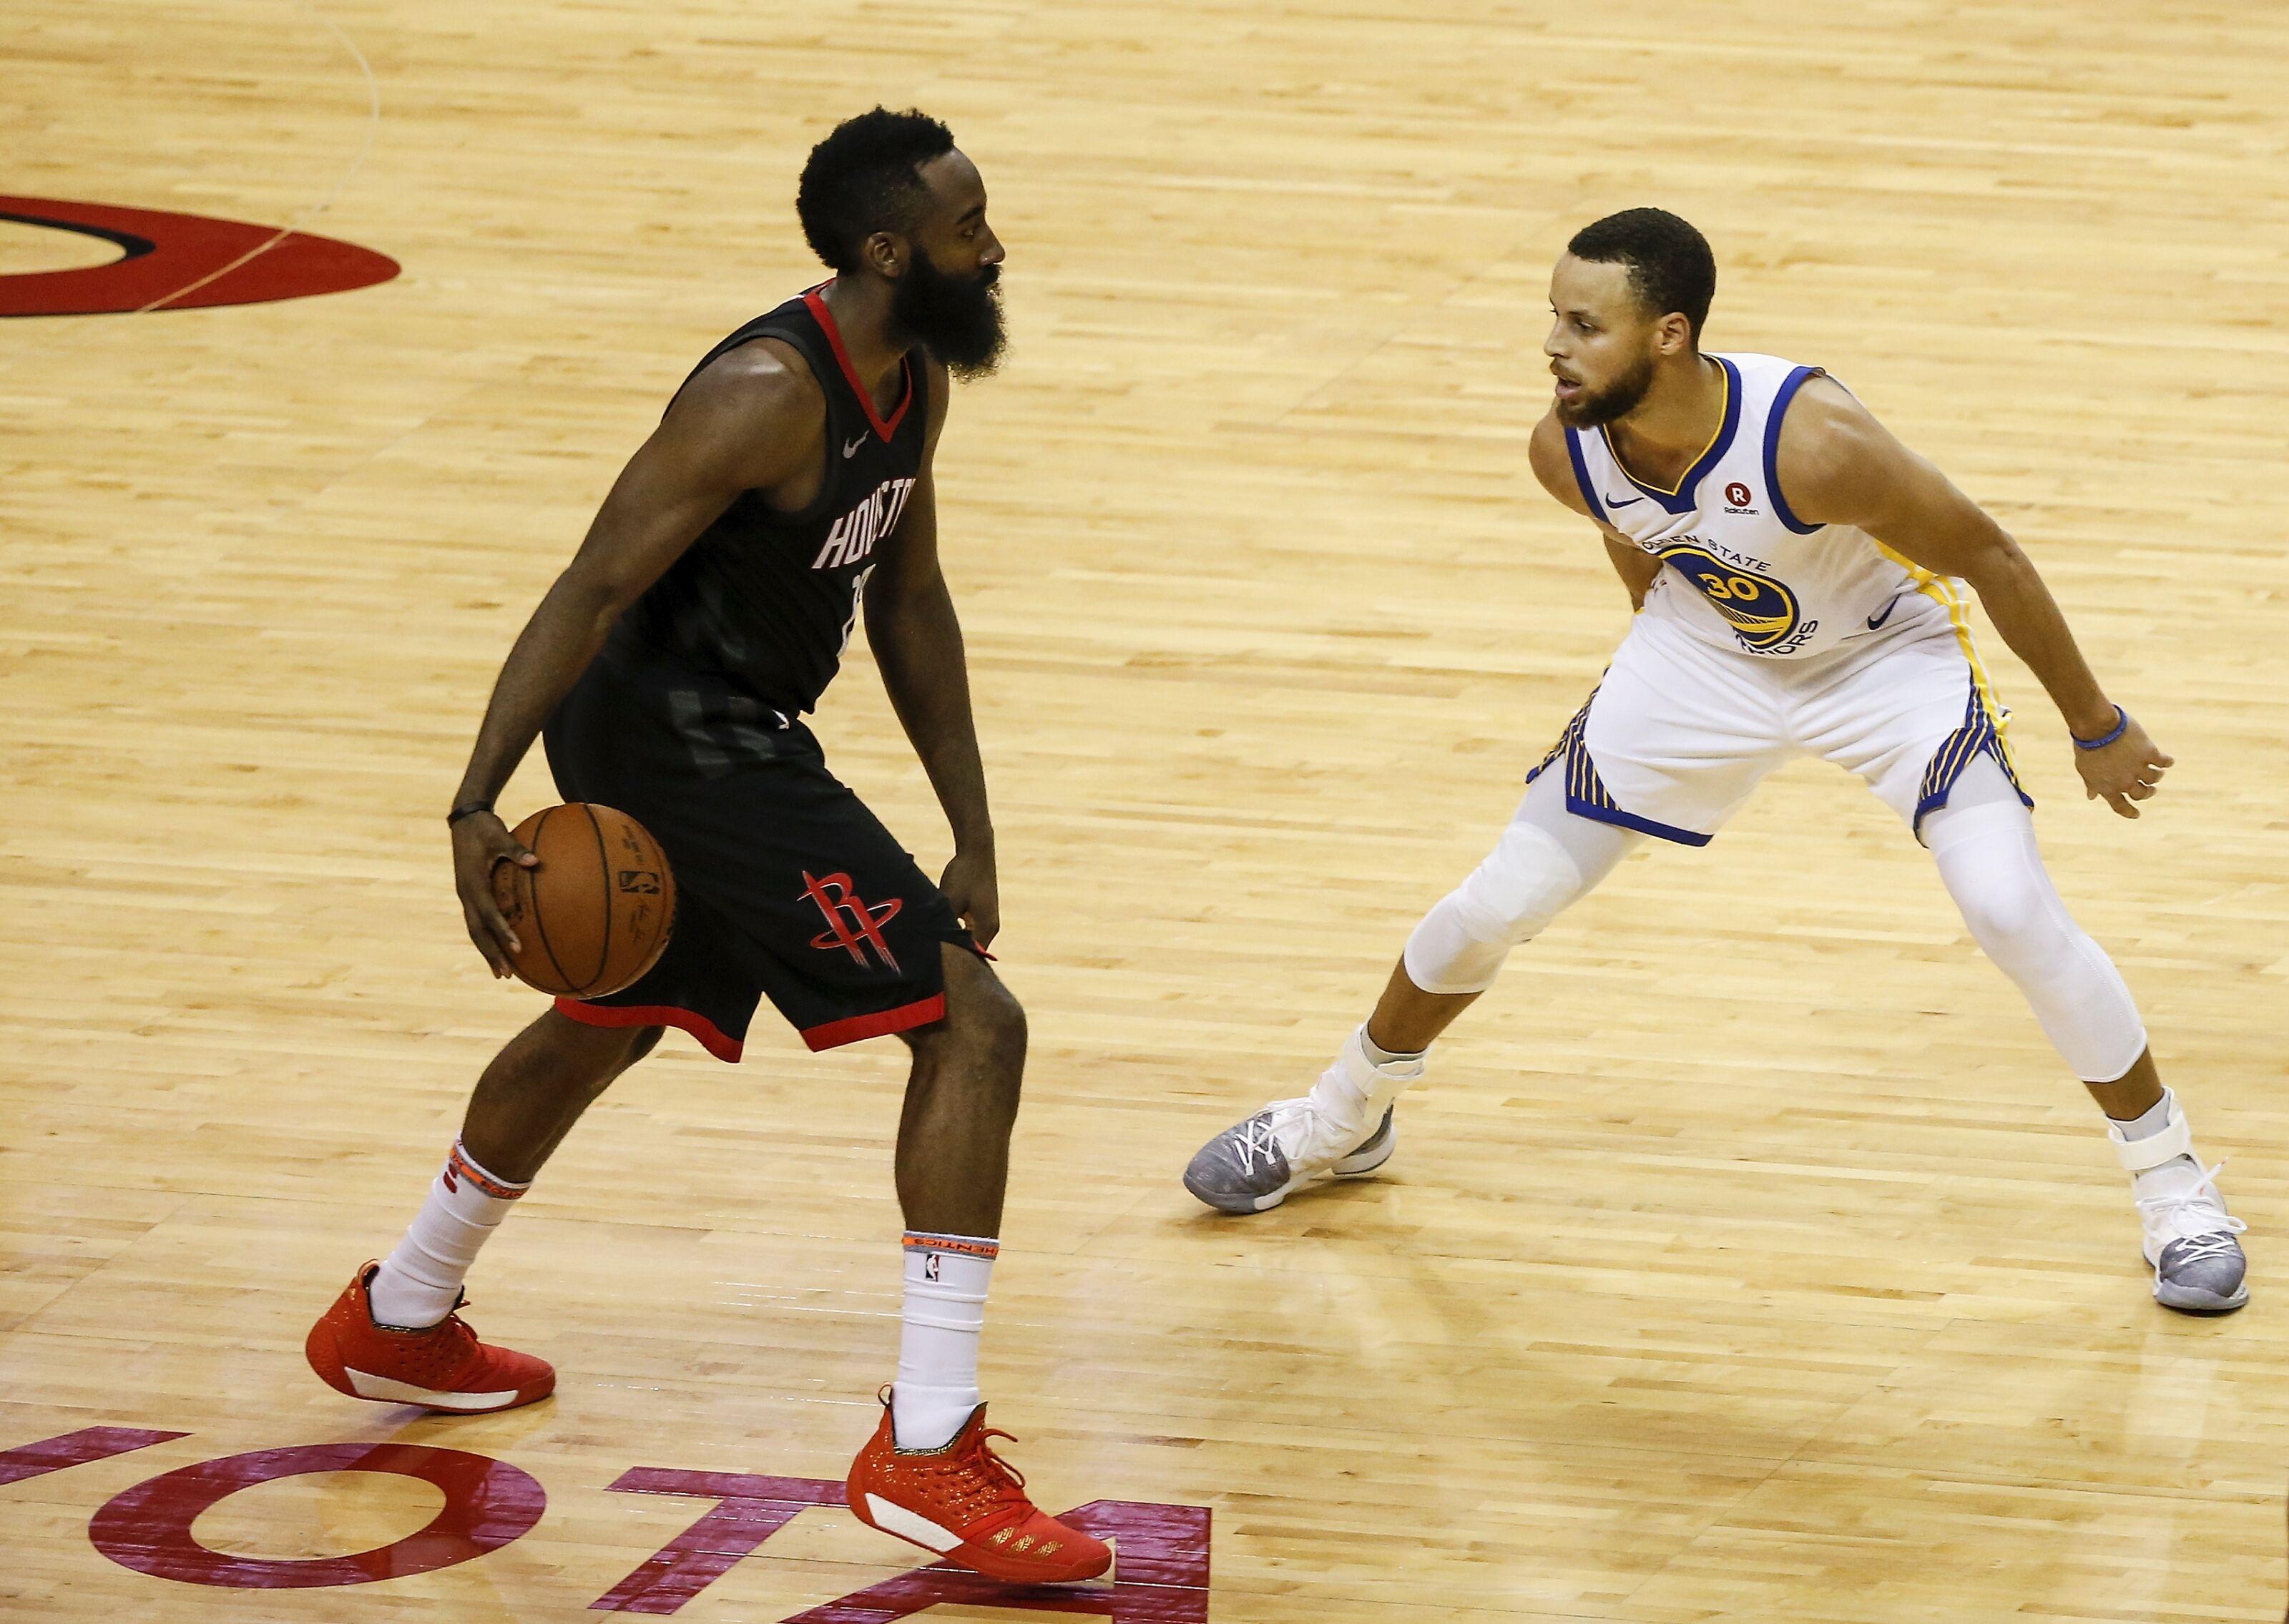 NBA Playoffs 2018: Houston Rockets vs. Golden State Warriors Game 5 live stream: Watch online